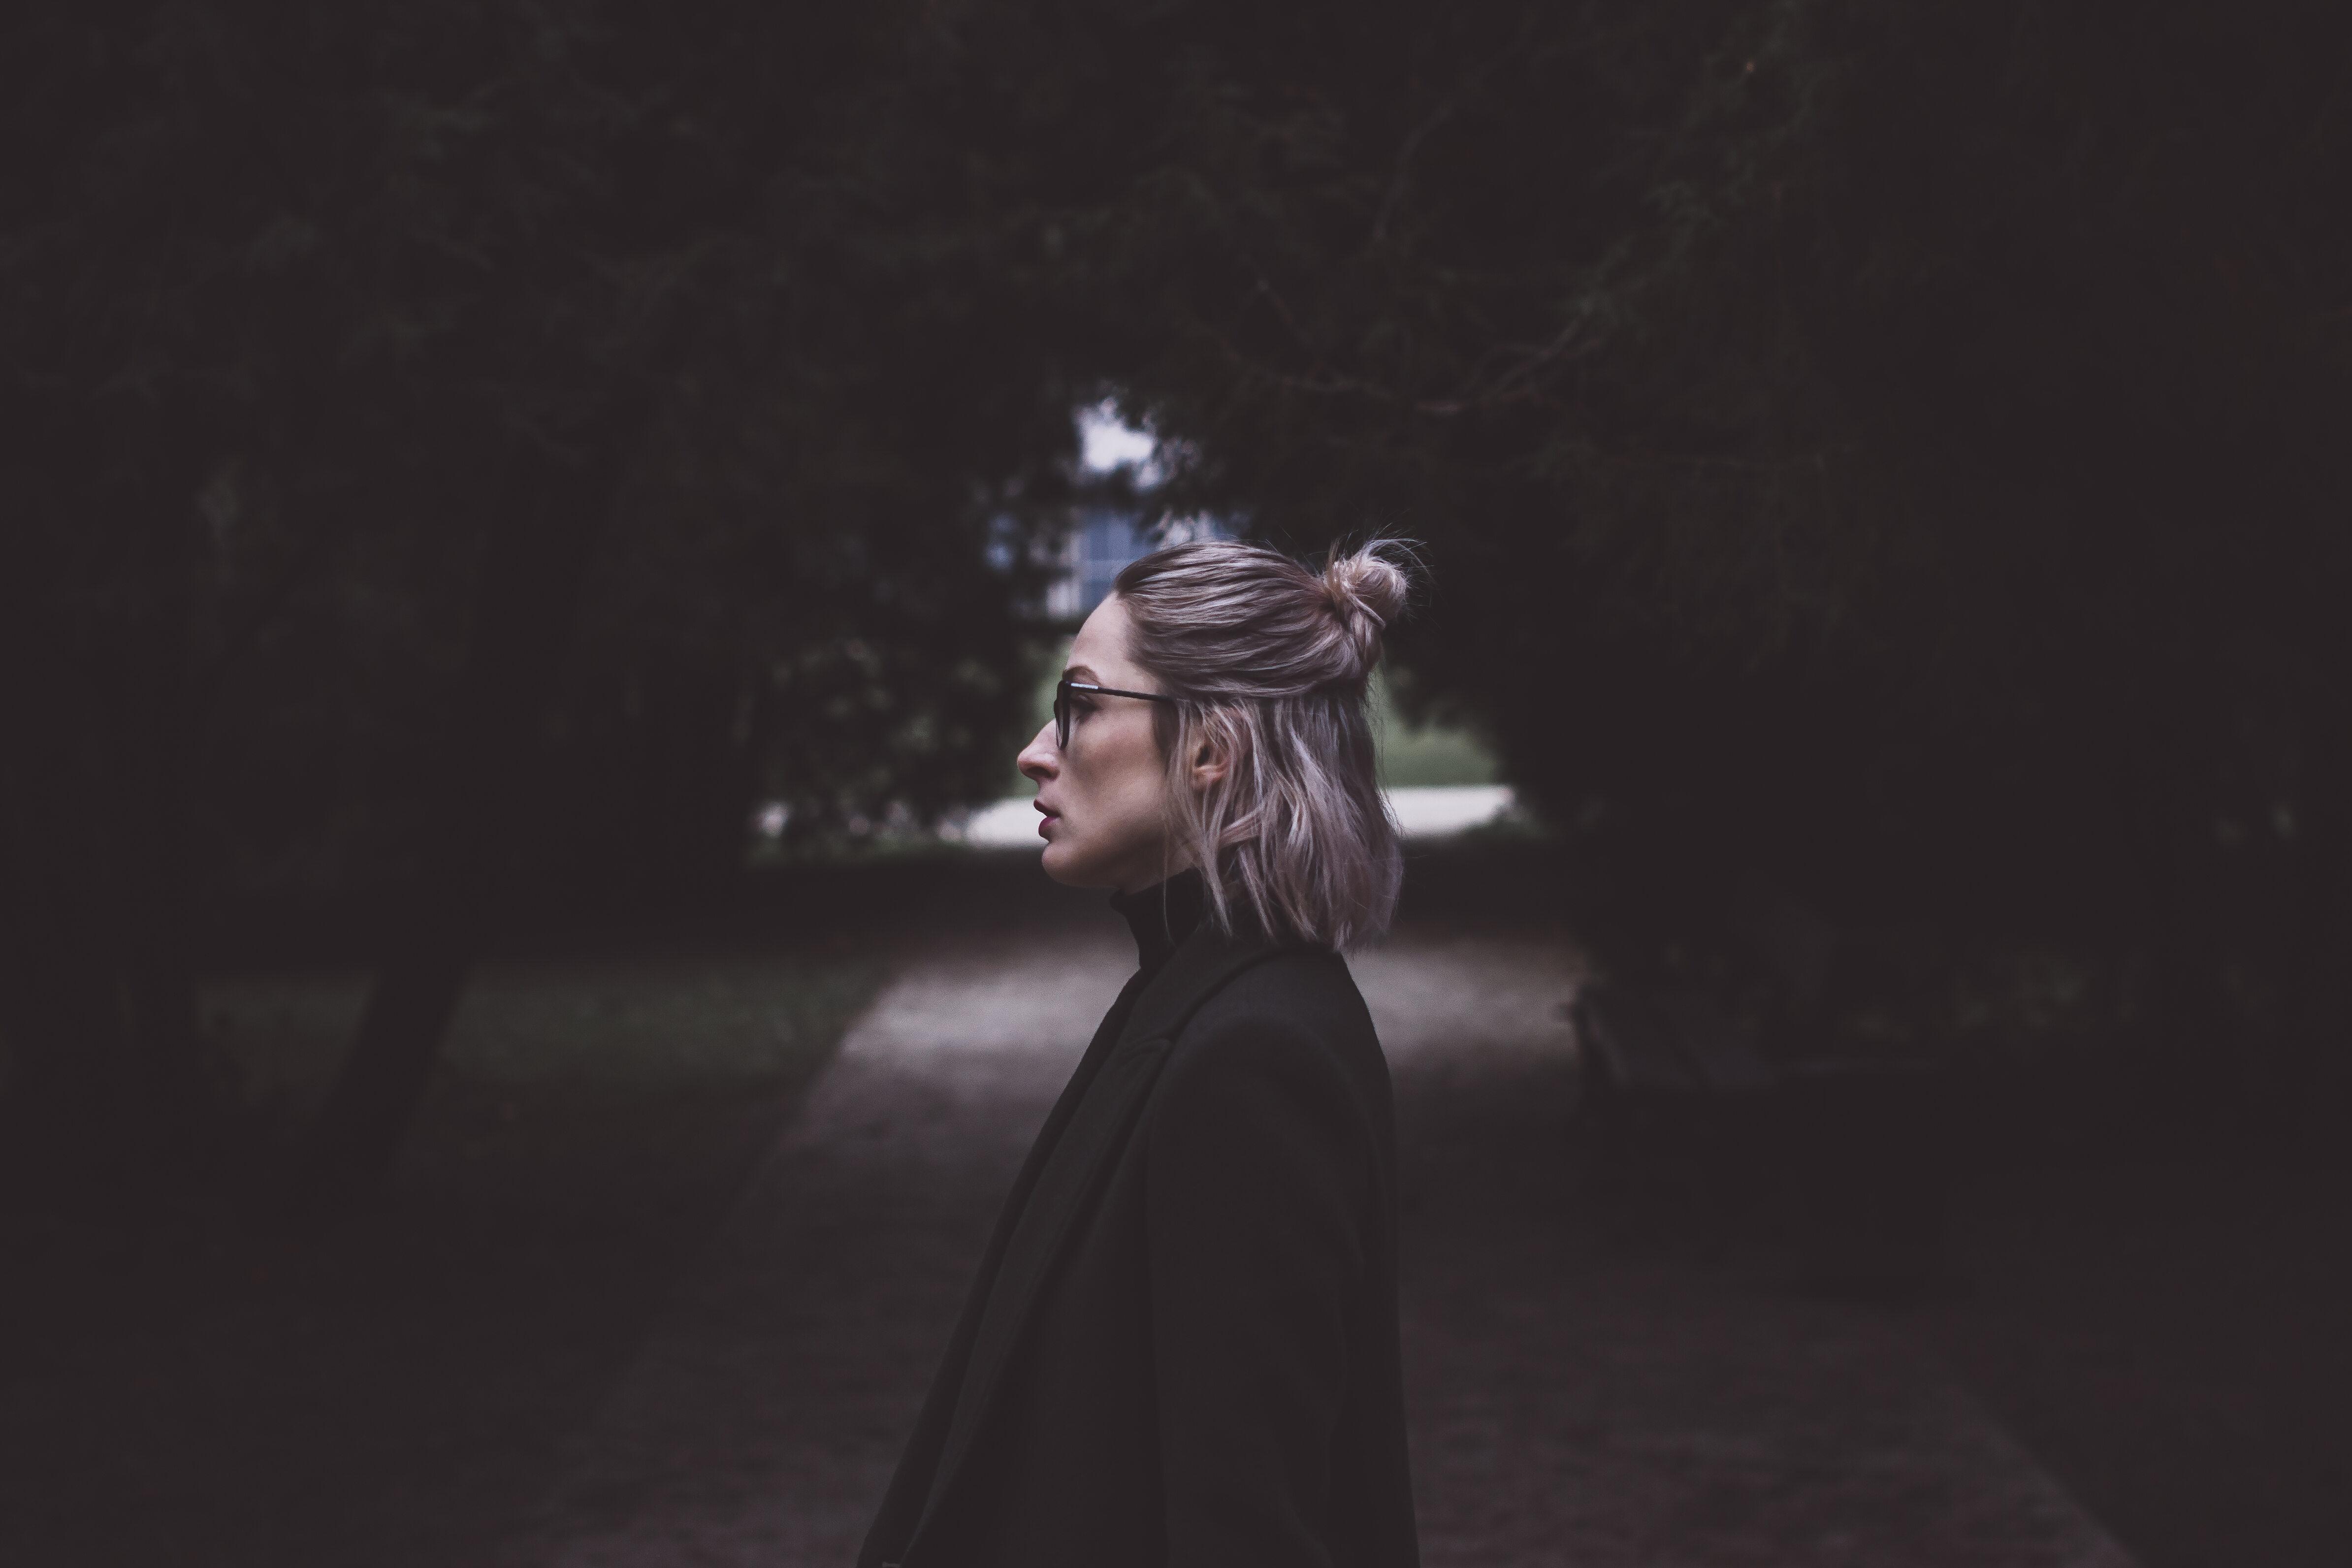 Kobieta w parku, zdjęcie ilustracyjne